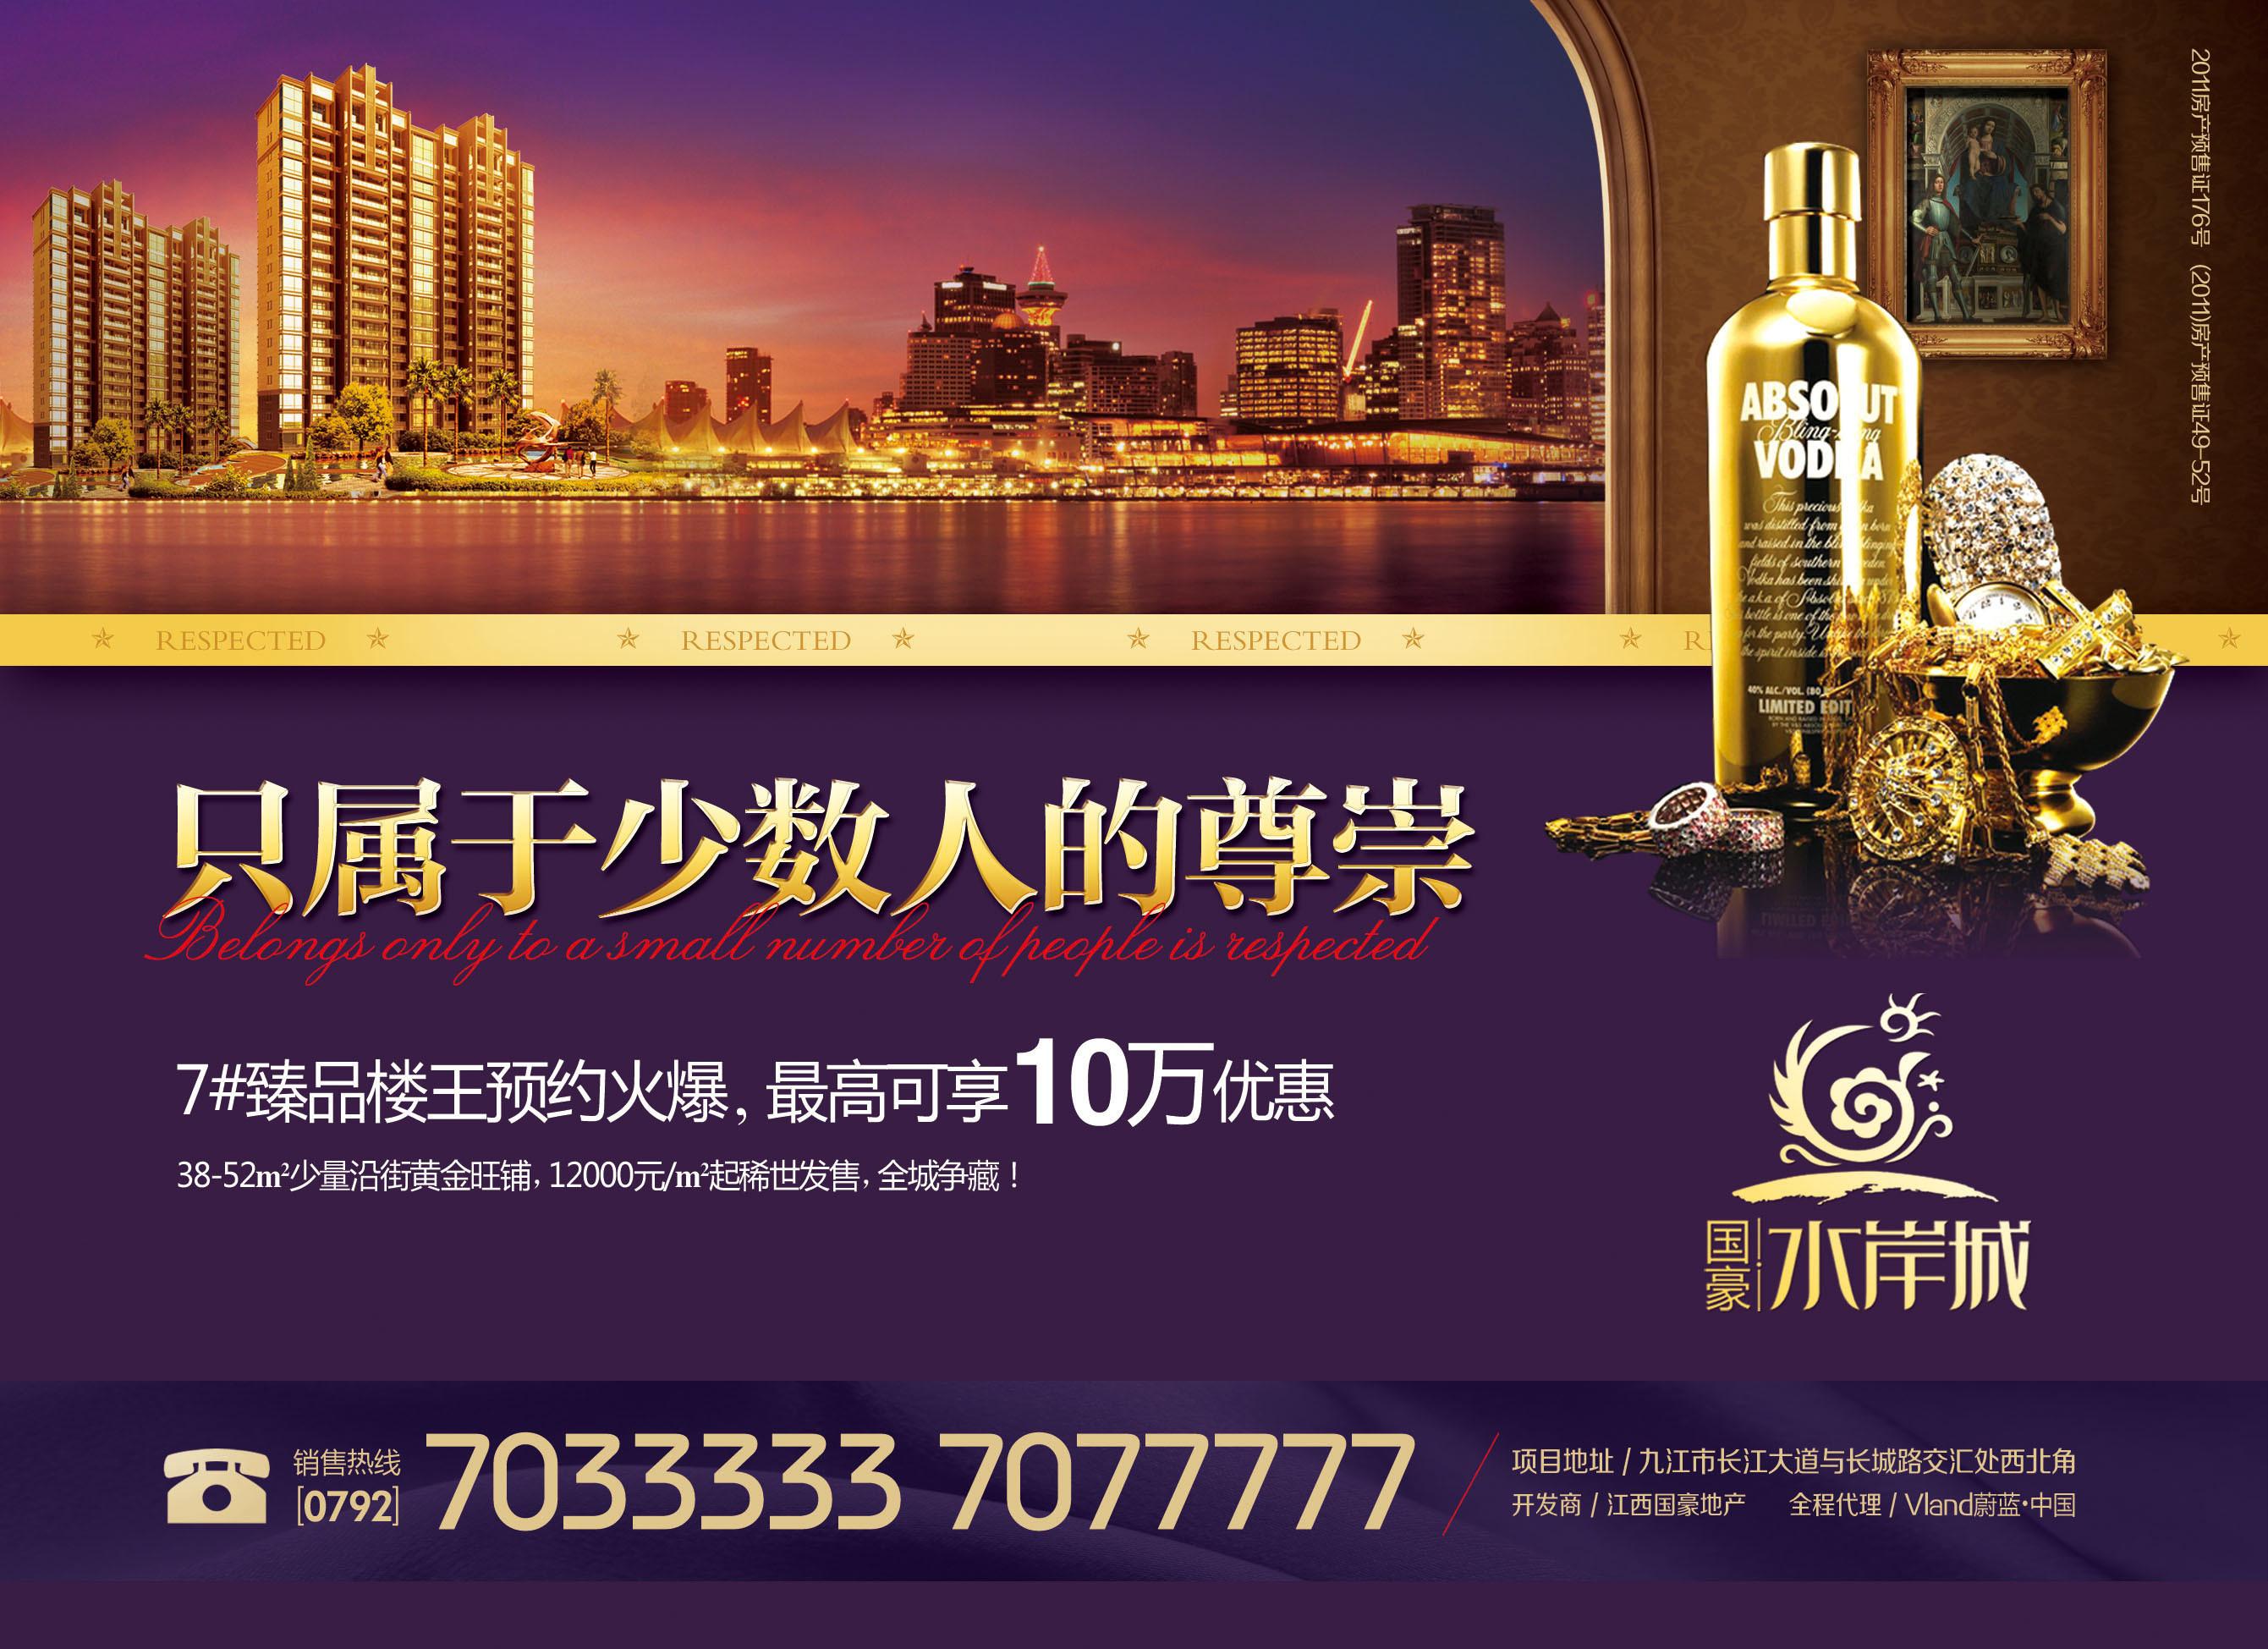 8月九江房地产报纸广告投放监测统计